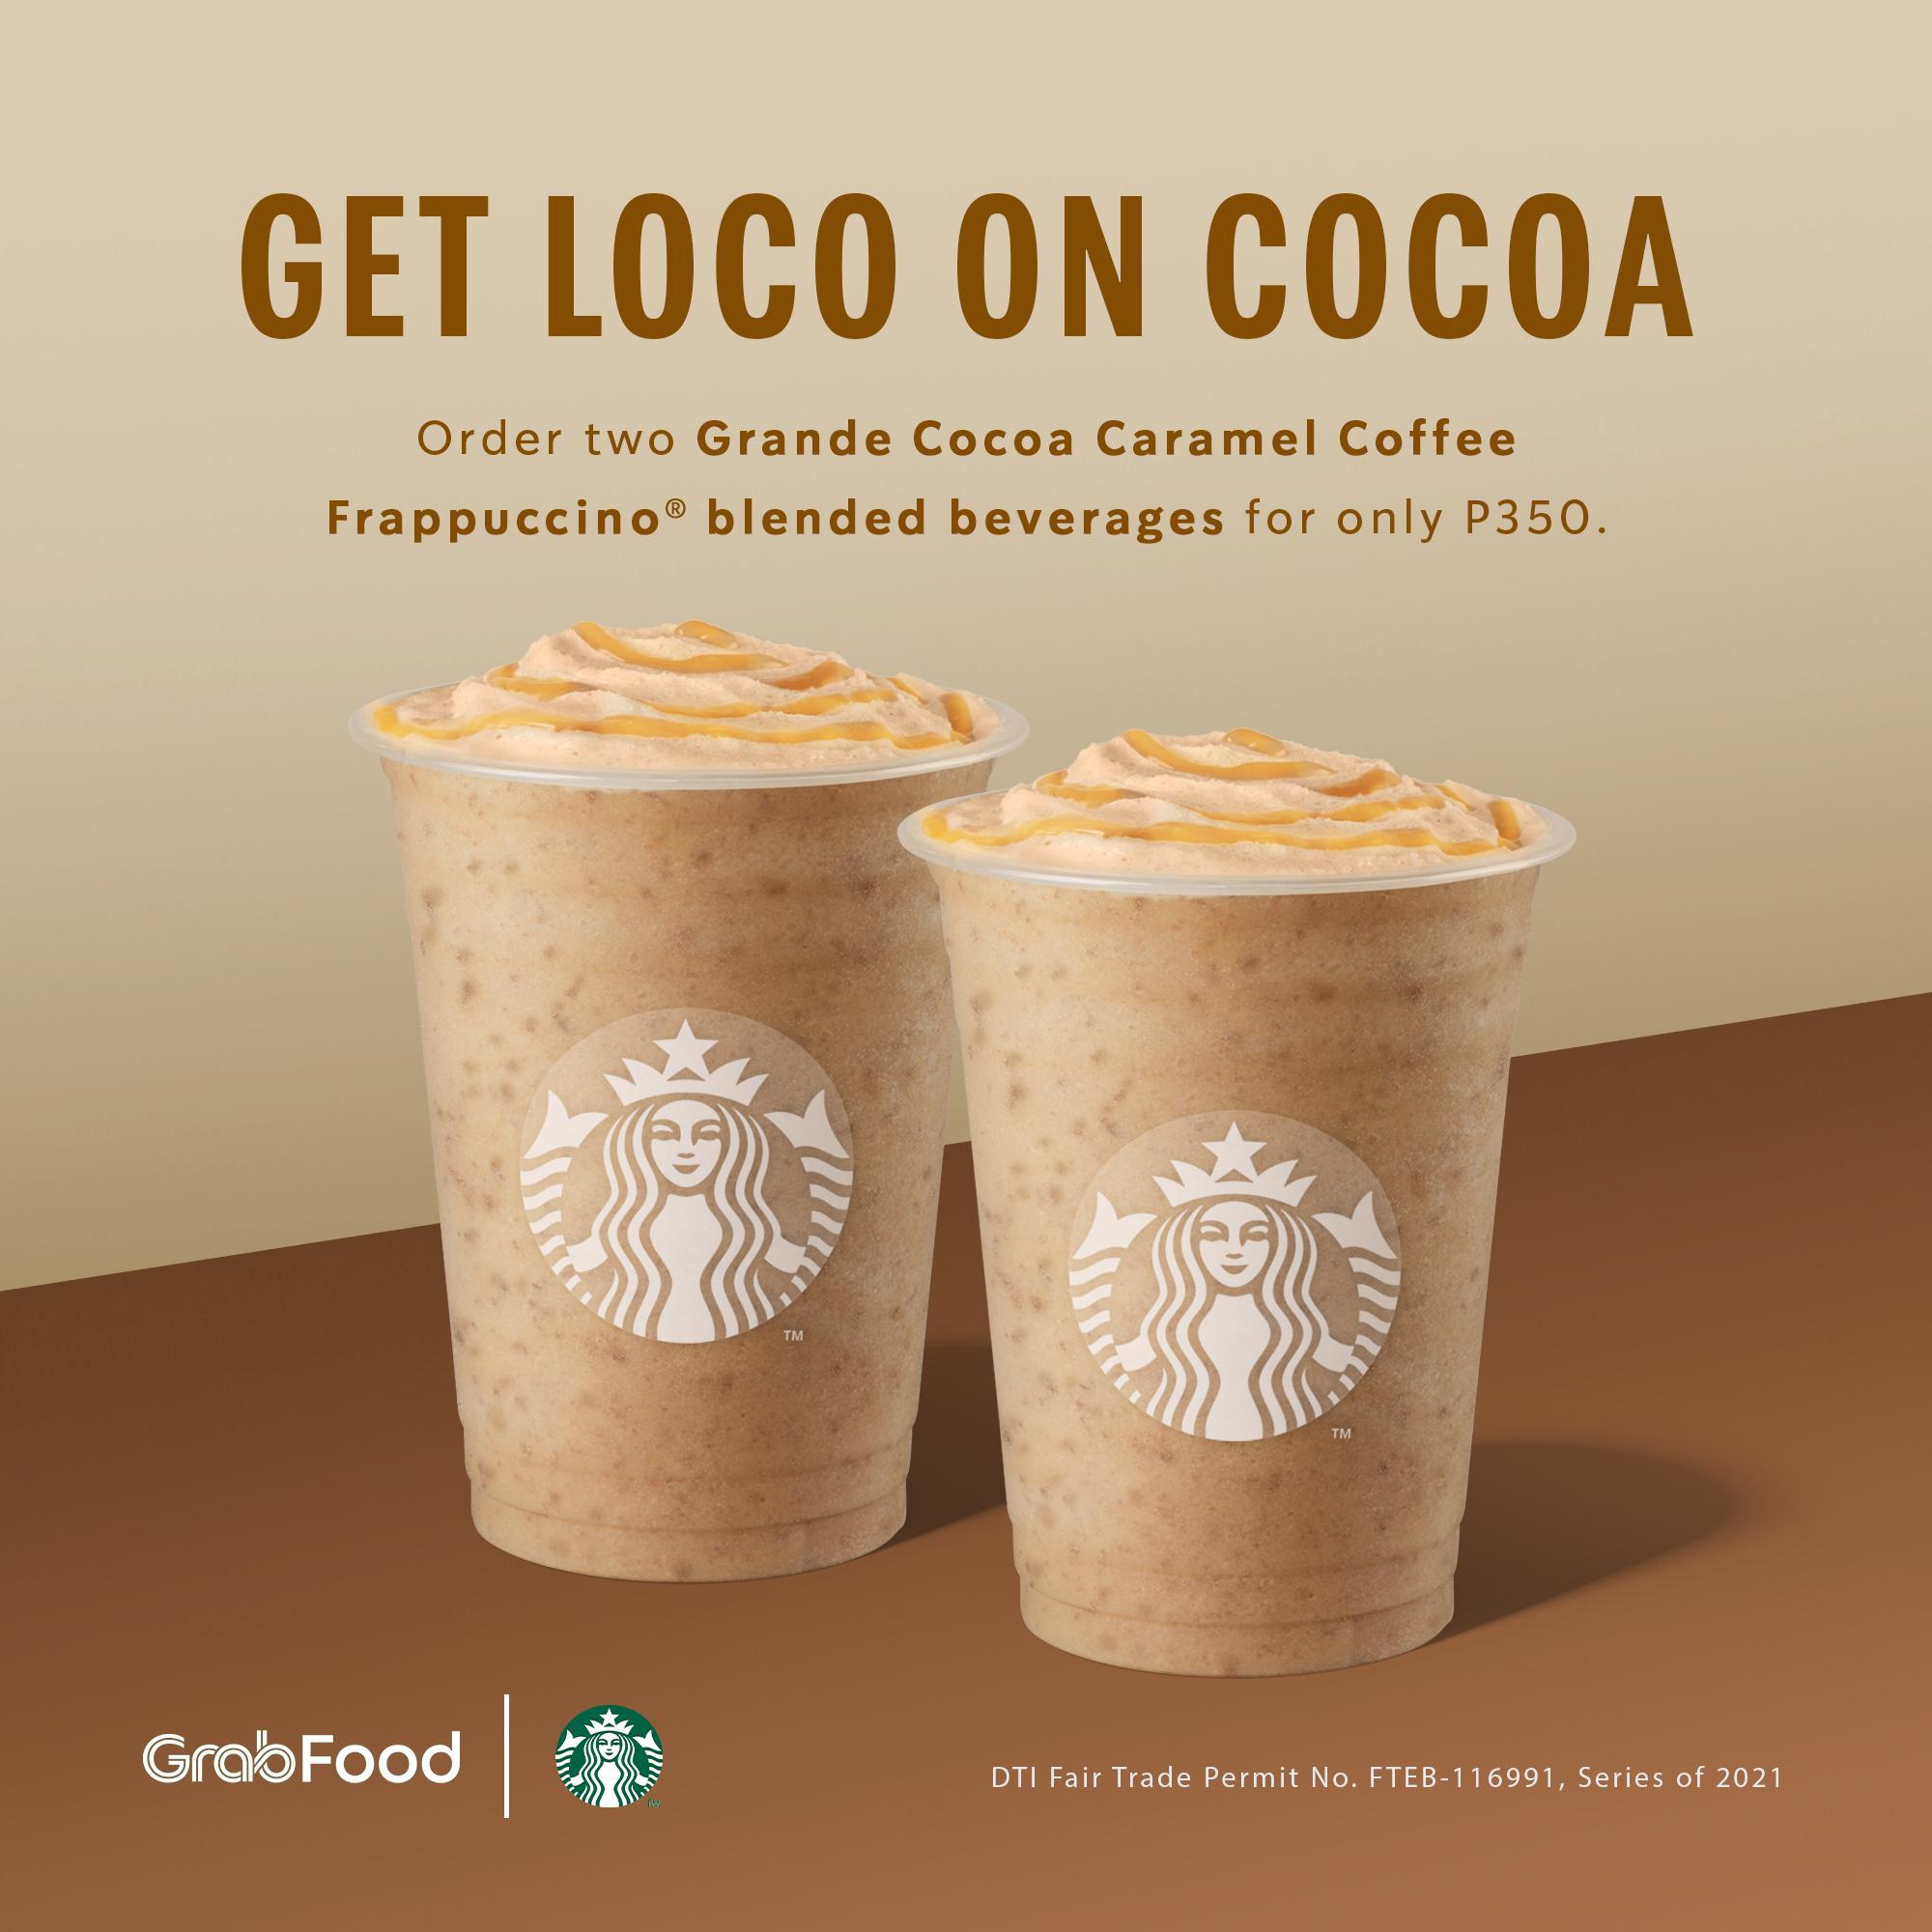 Starbucks Promo Cocoa Caramel Coffee Frappuccino for P350